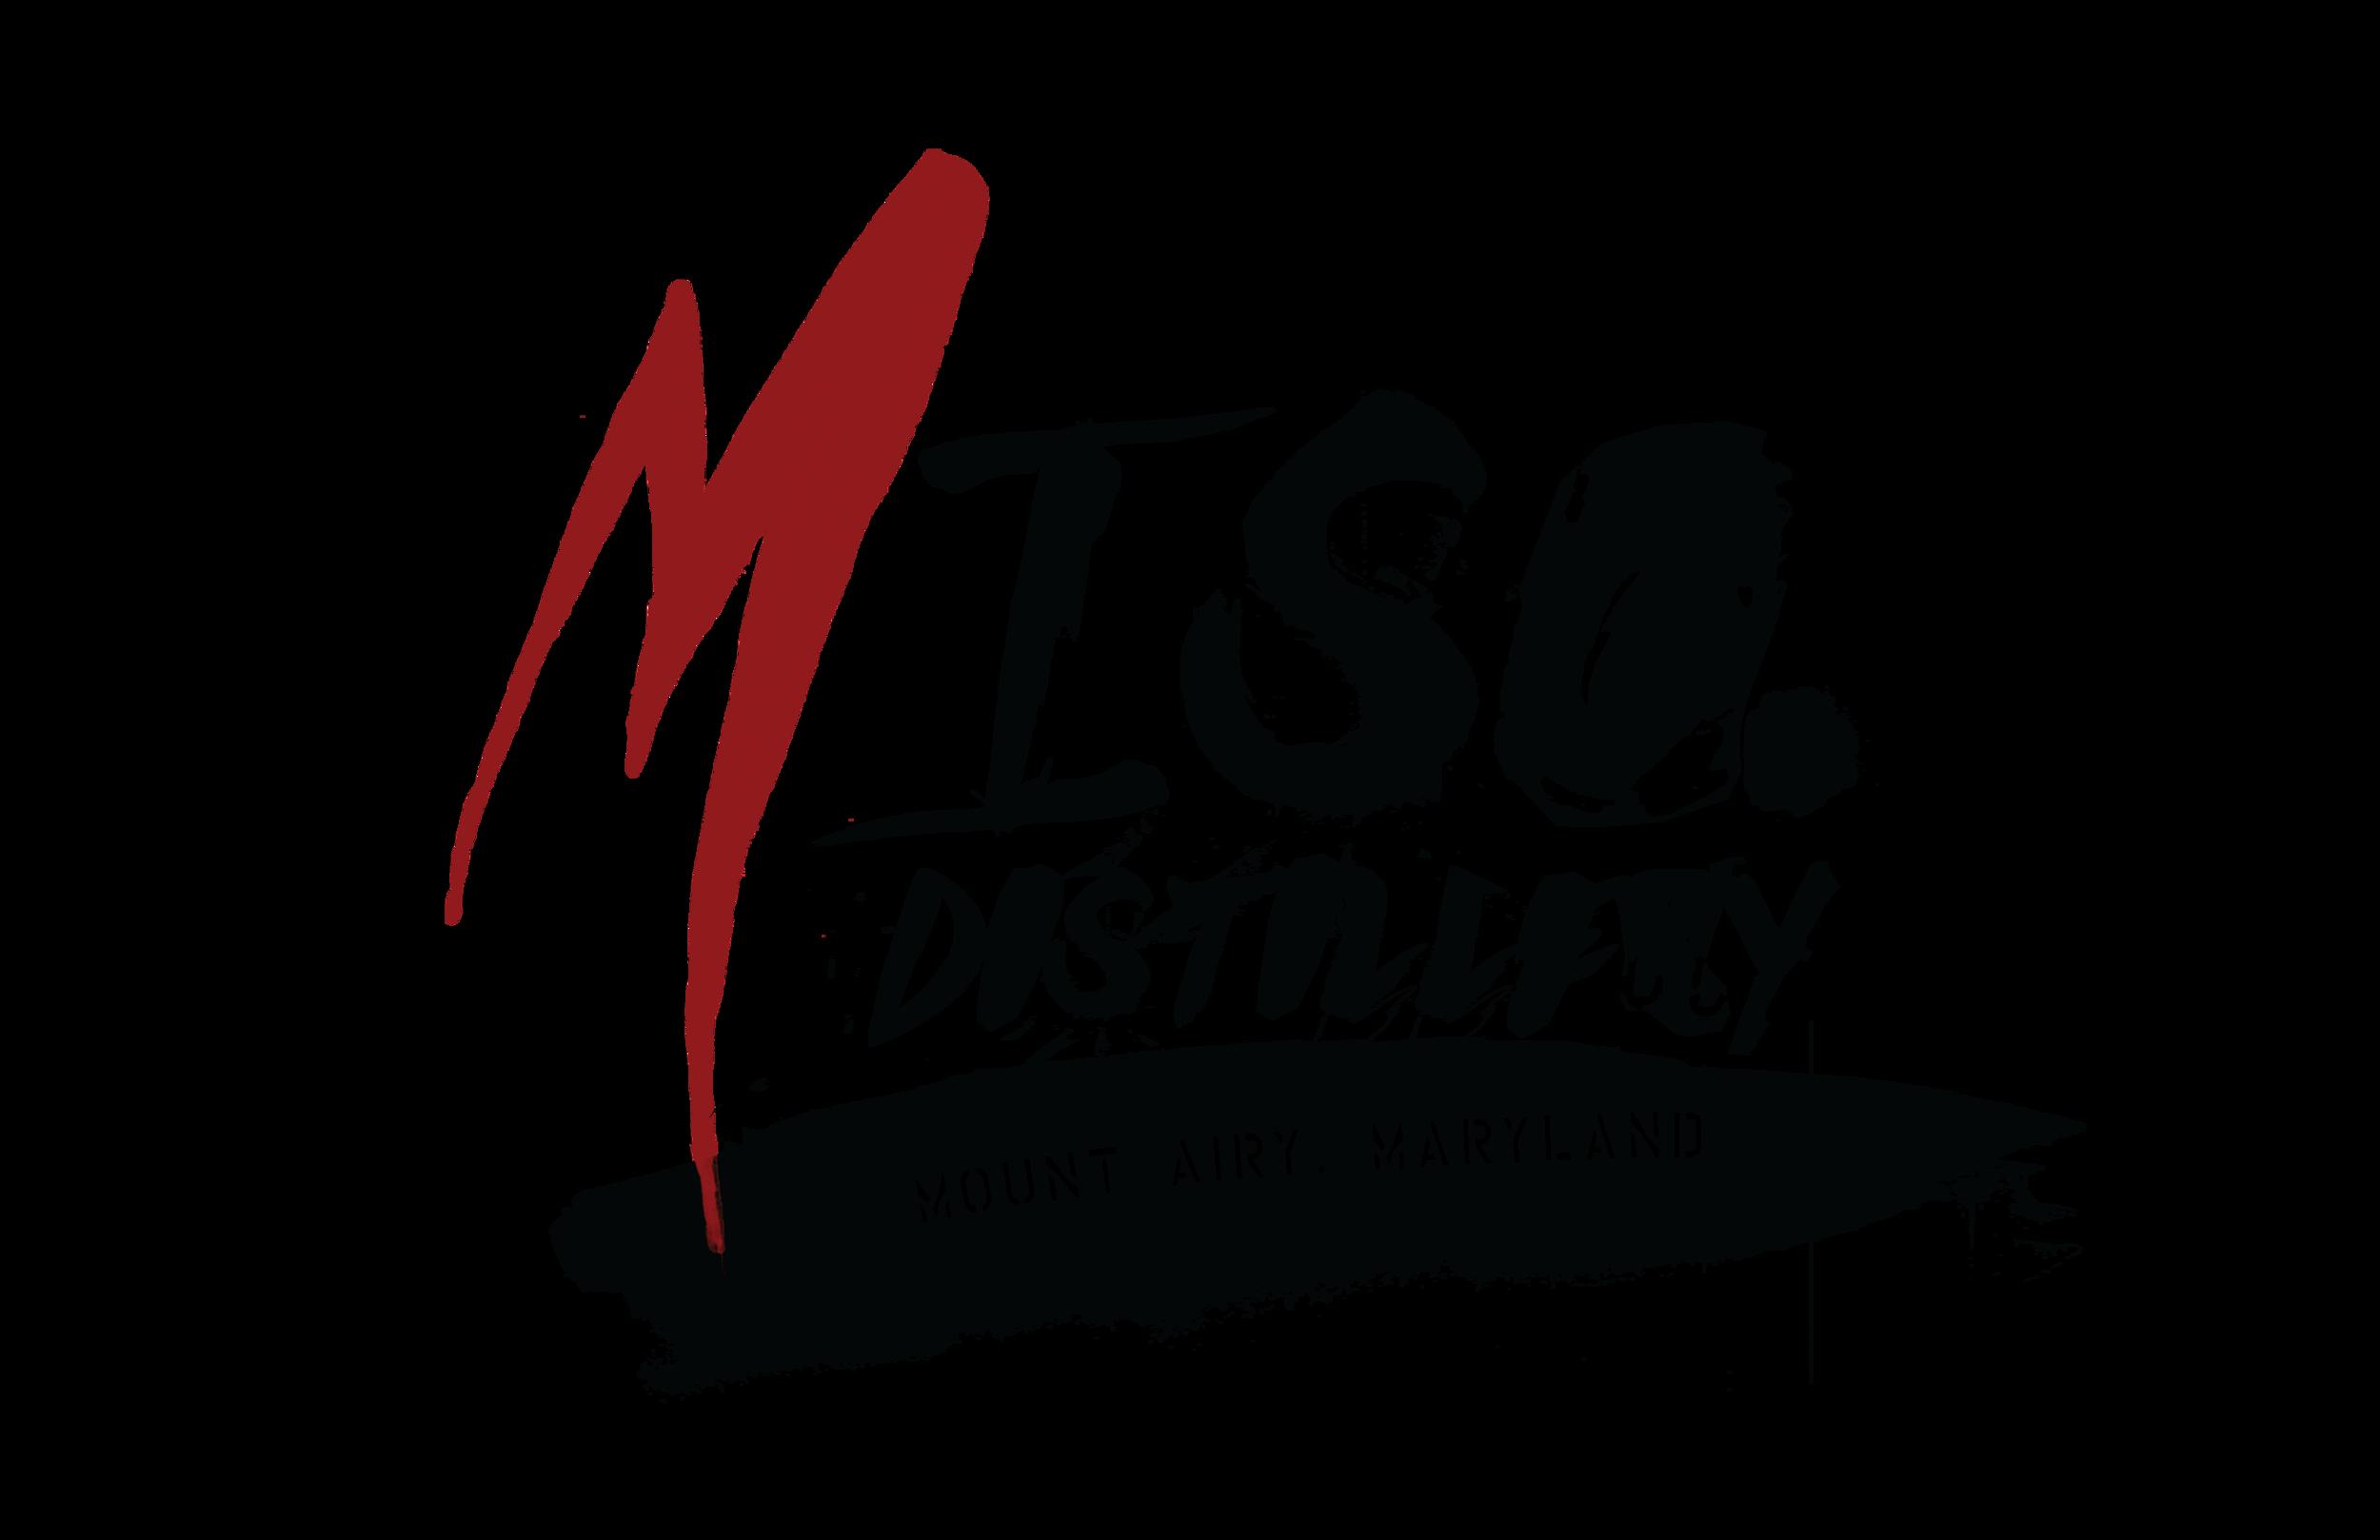 https://www.miscdistillery.com/